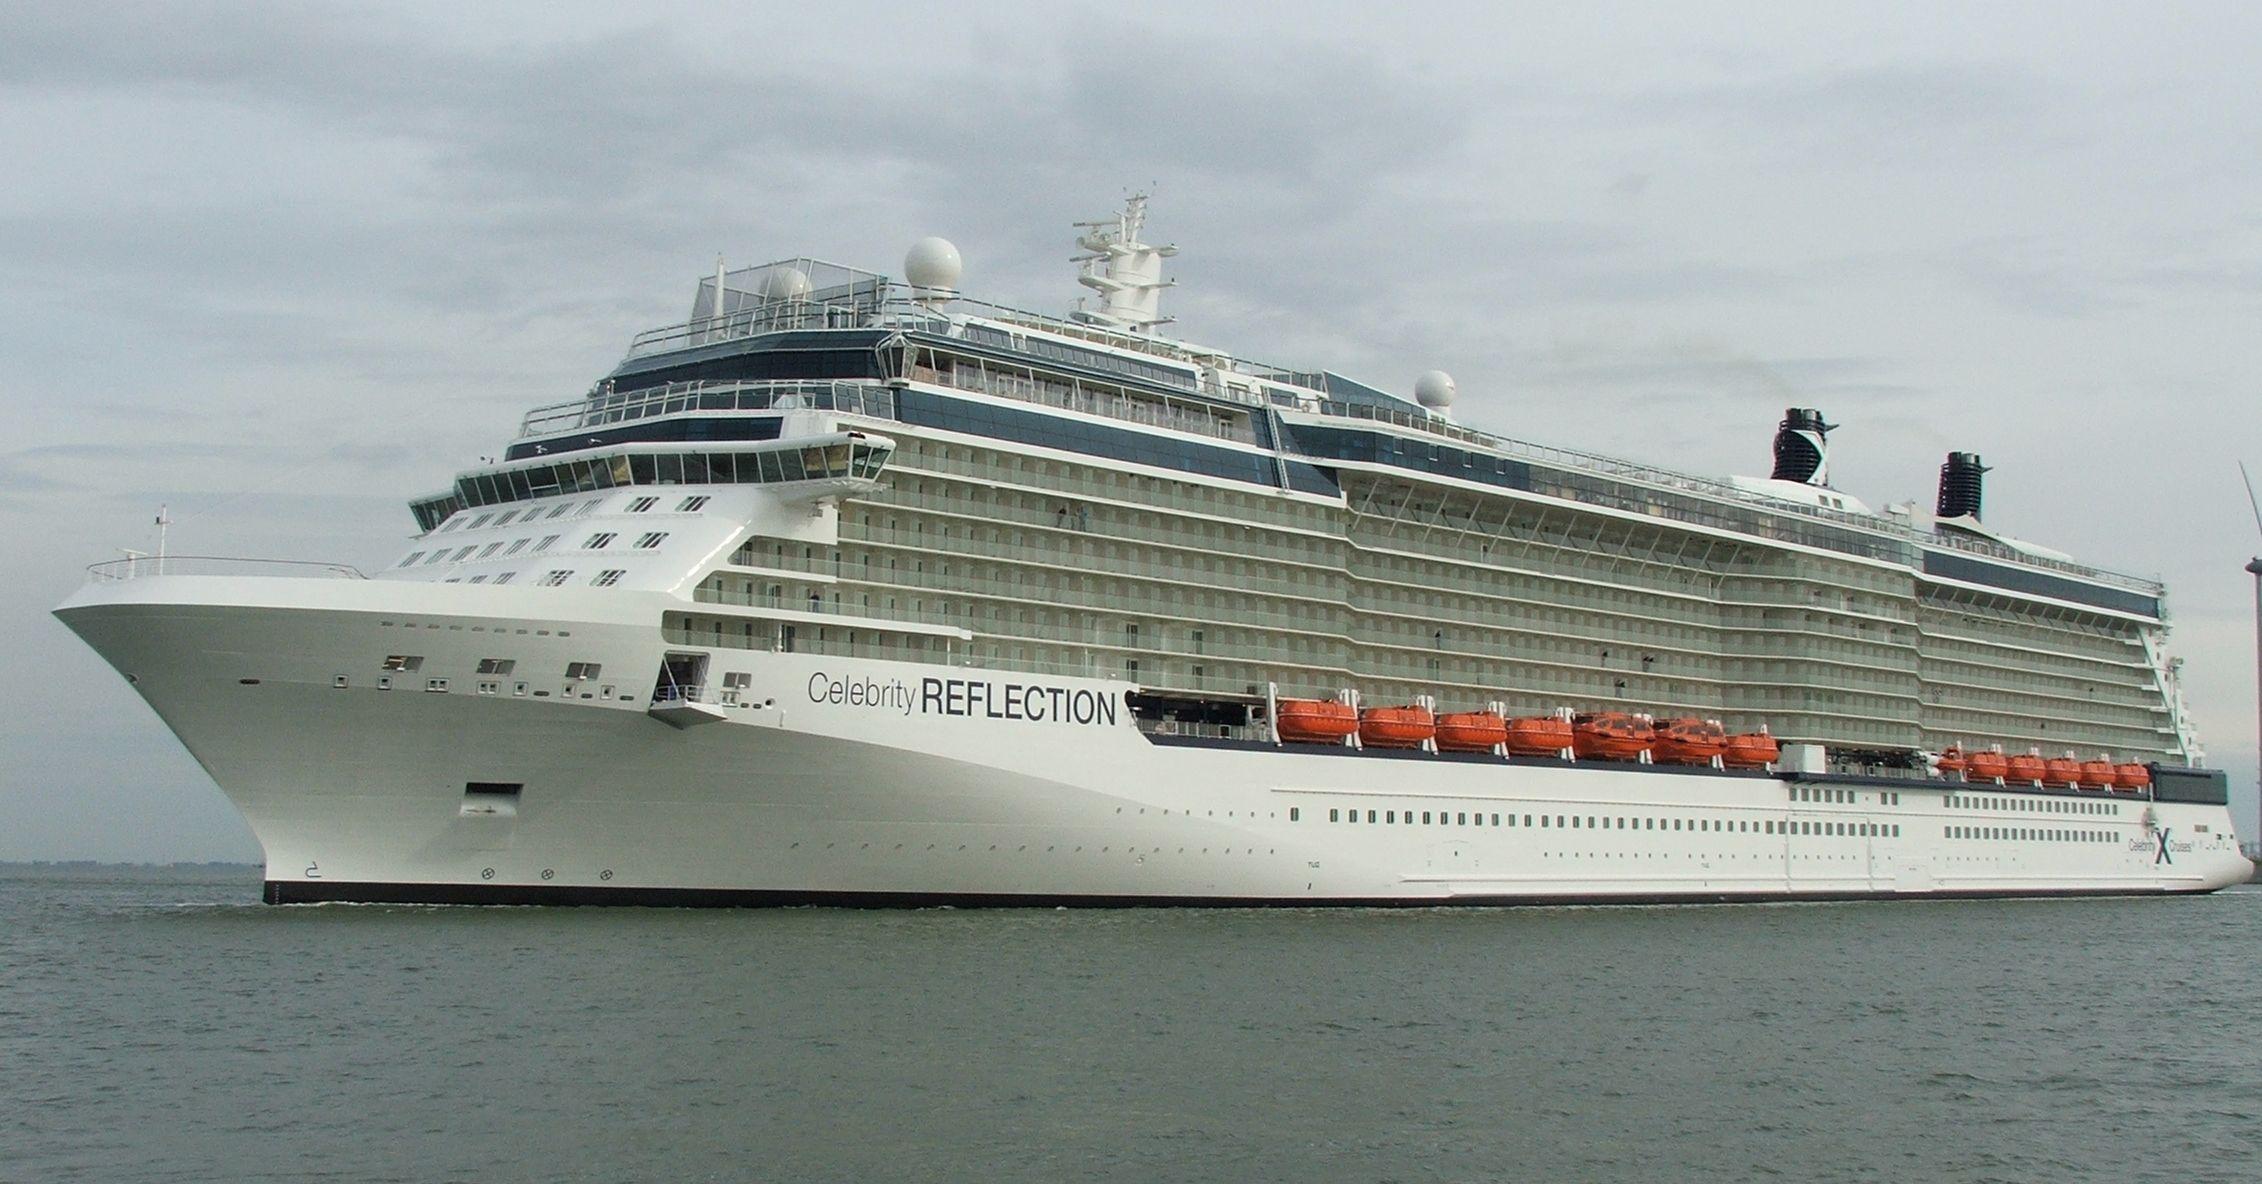 Celebrity Reflection Celebrity Cruise Ships Cruise Travel Celebrity Cruises